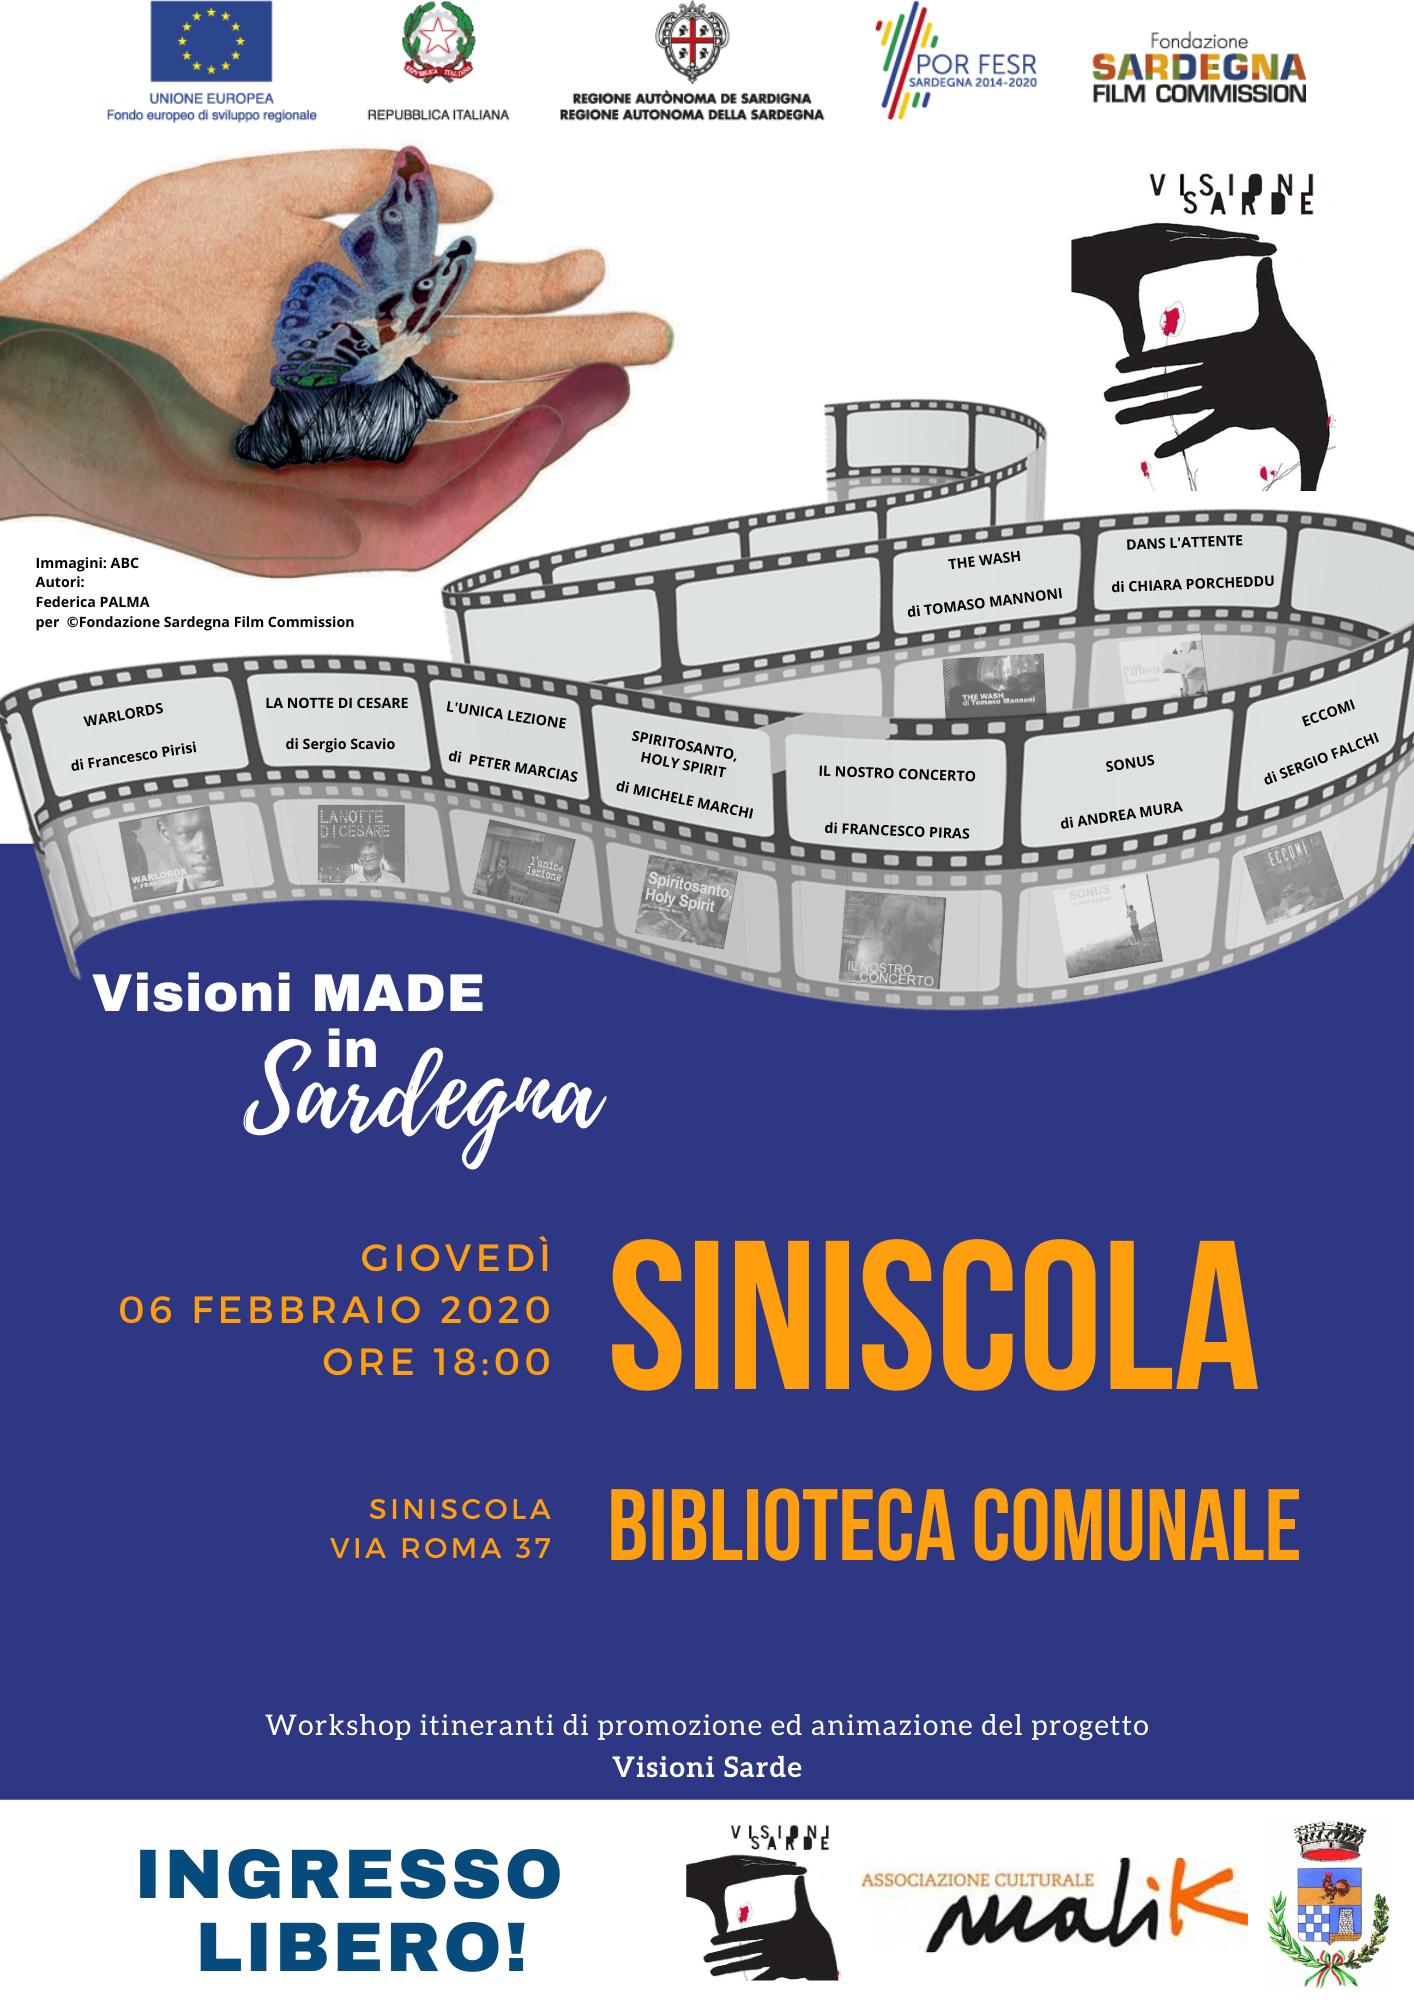 siniscola-visioni-sarde-a4